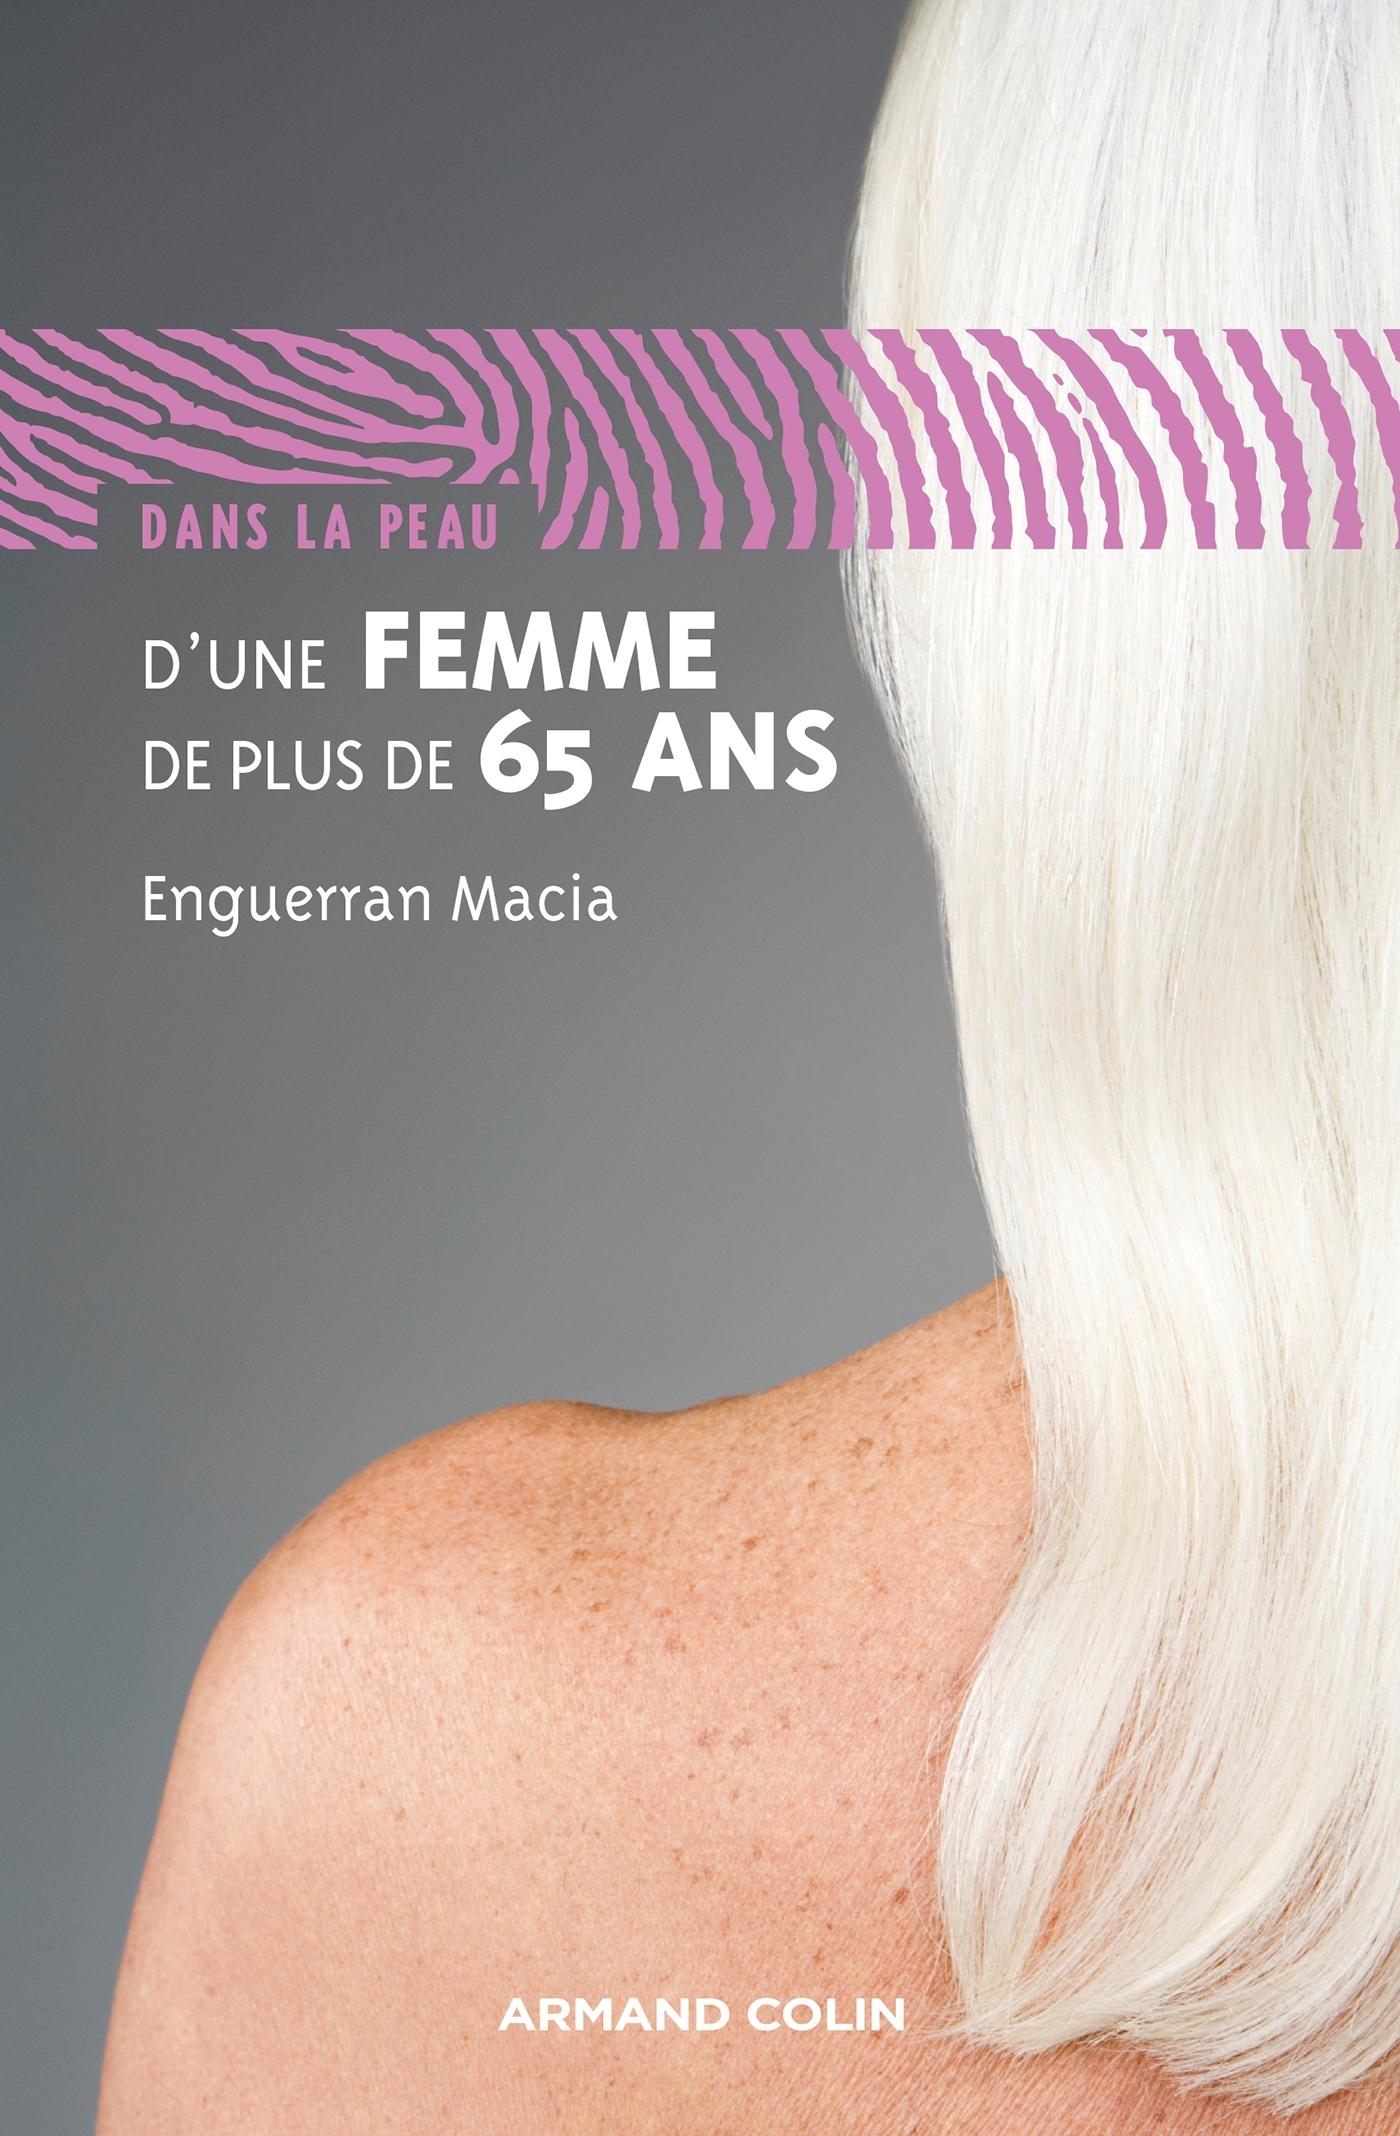 DANS LA PEAU D'UNE FEMME DE PLUS DE 65 ANS